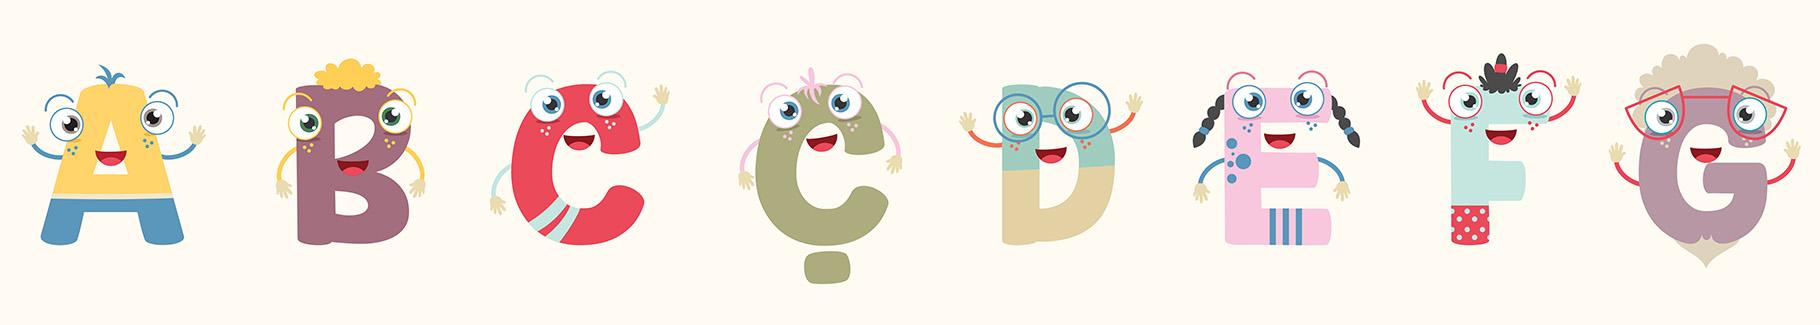 Plakat alfabet do dziecięcego pokoju